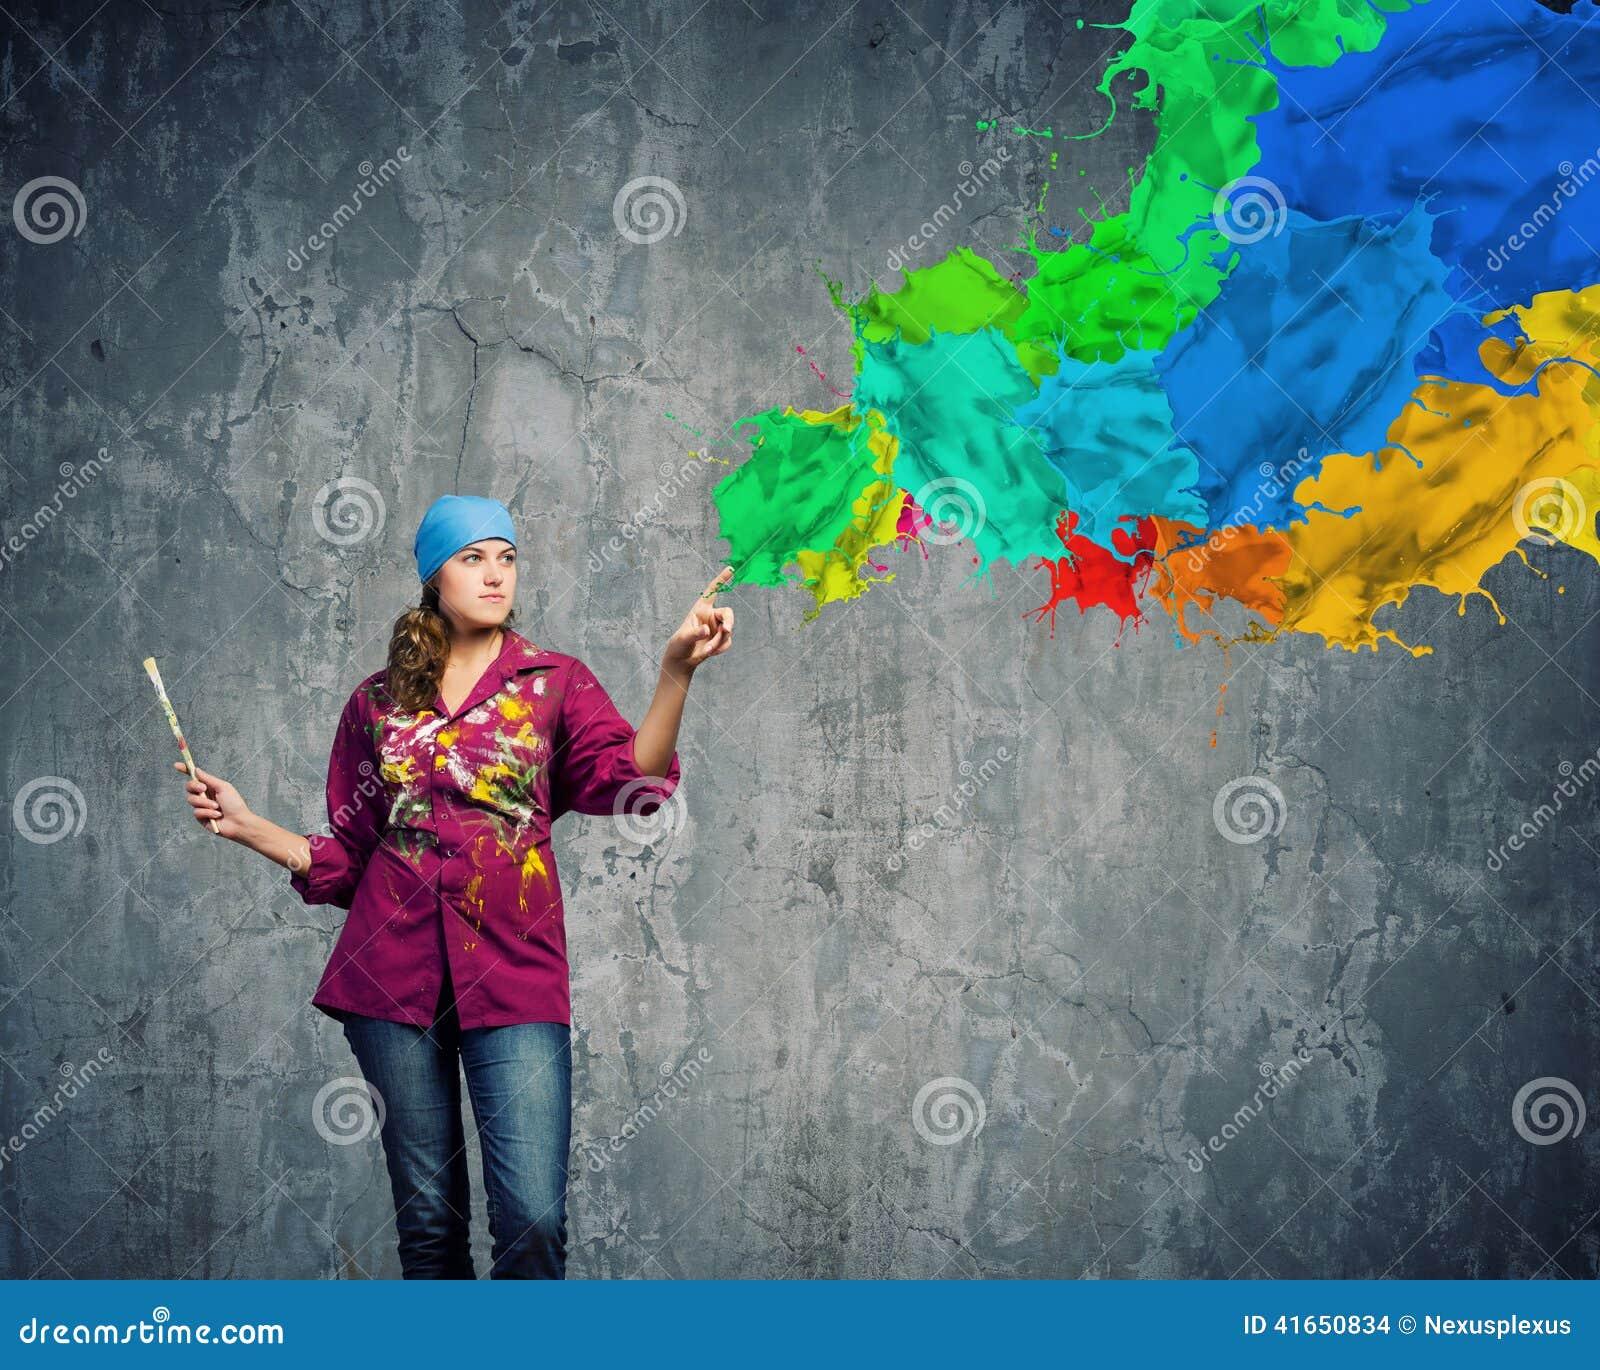 Творческие способности и искусство